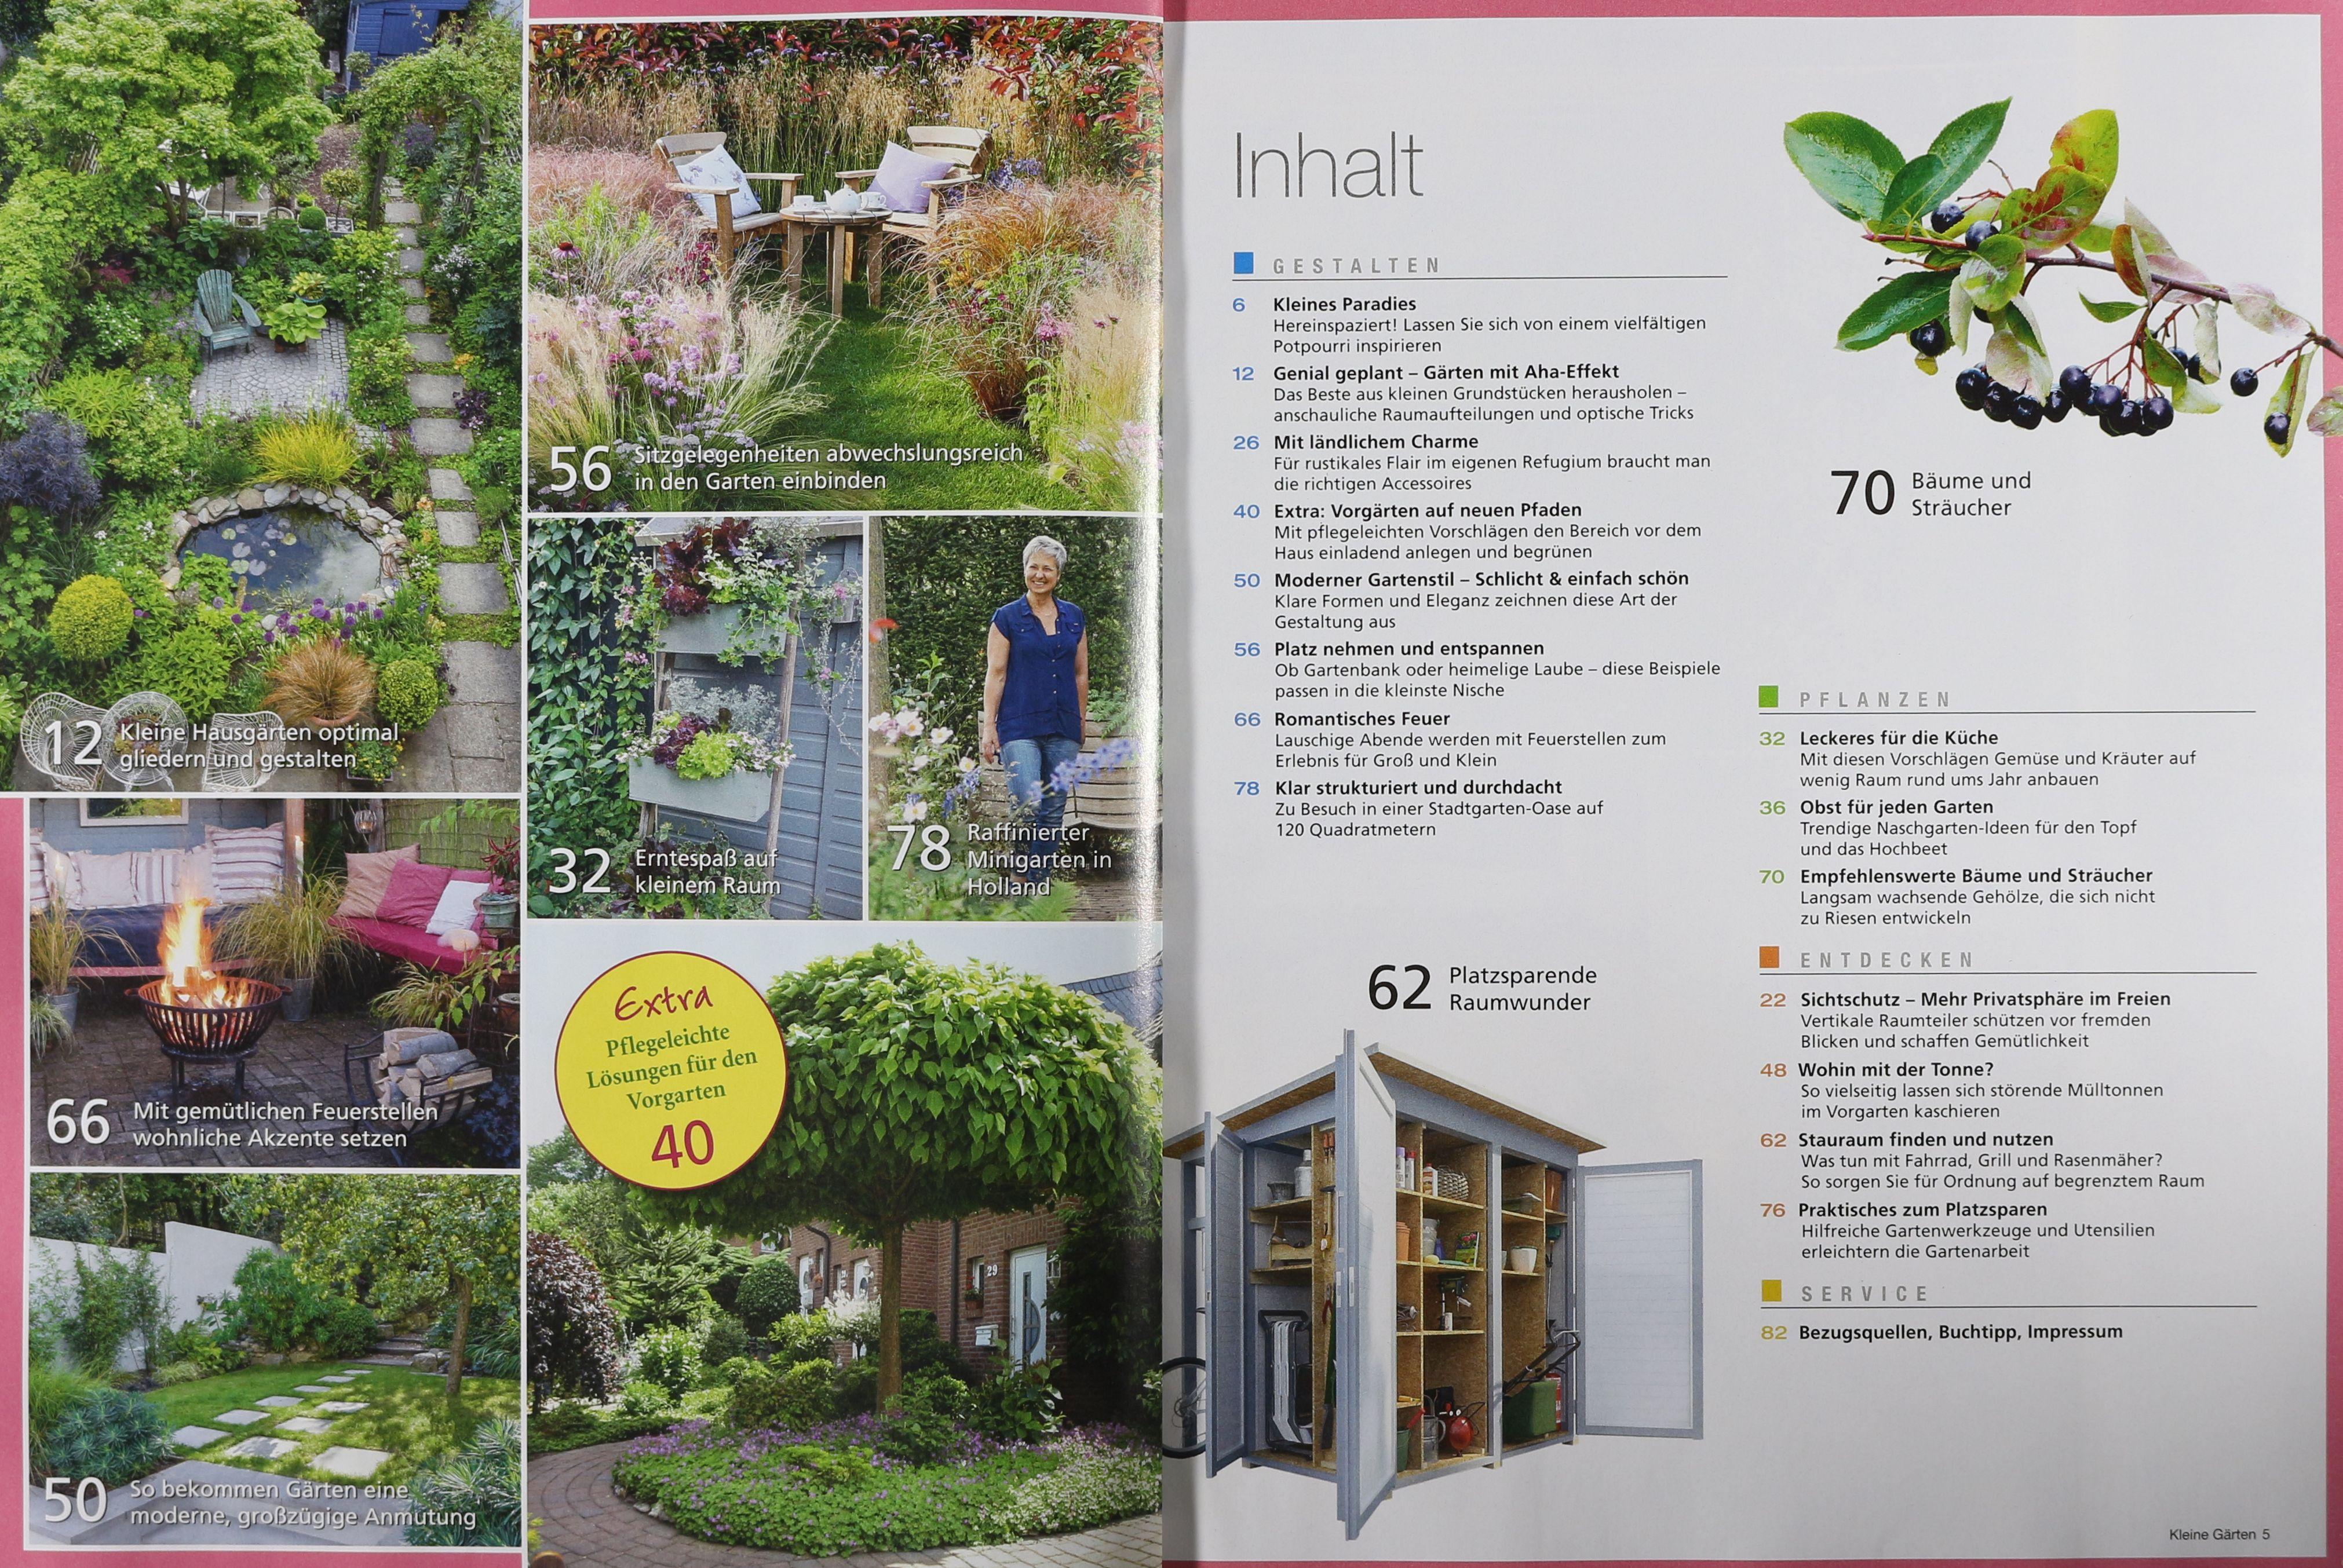 Mein Schoner Garten Spezial - parsvending.com -